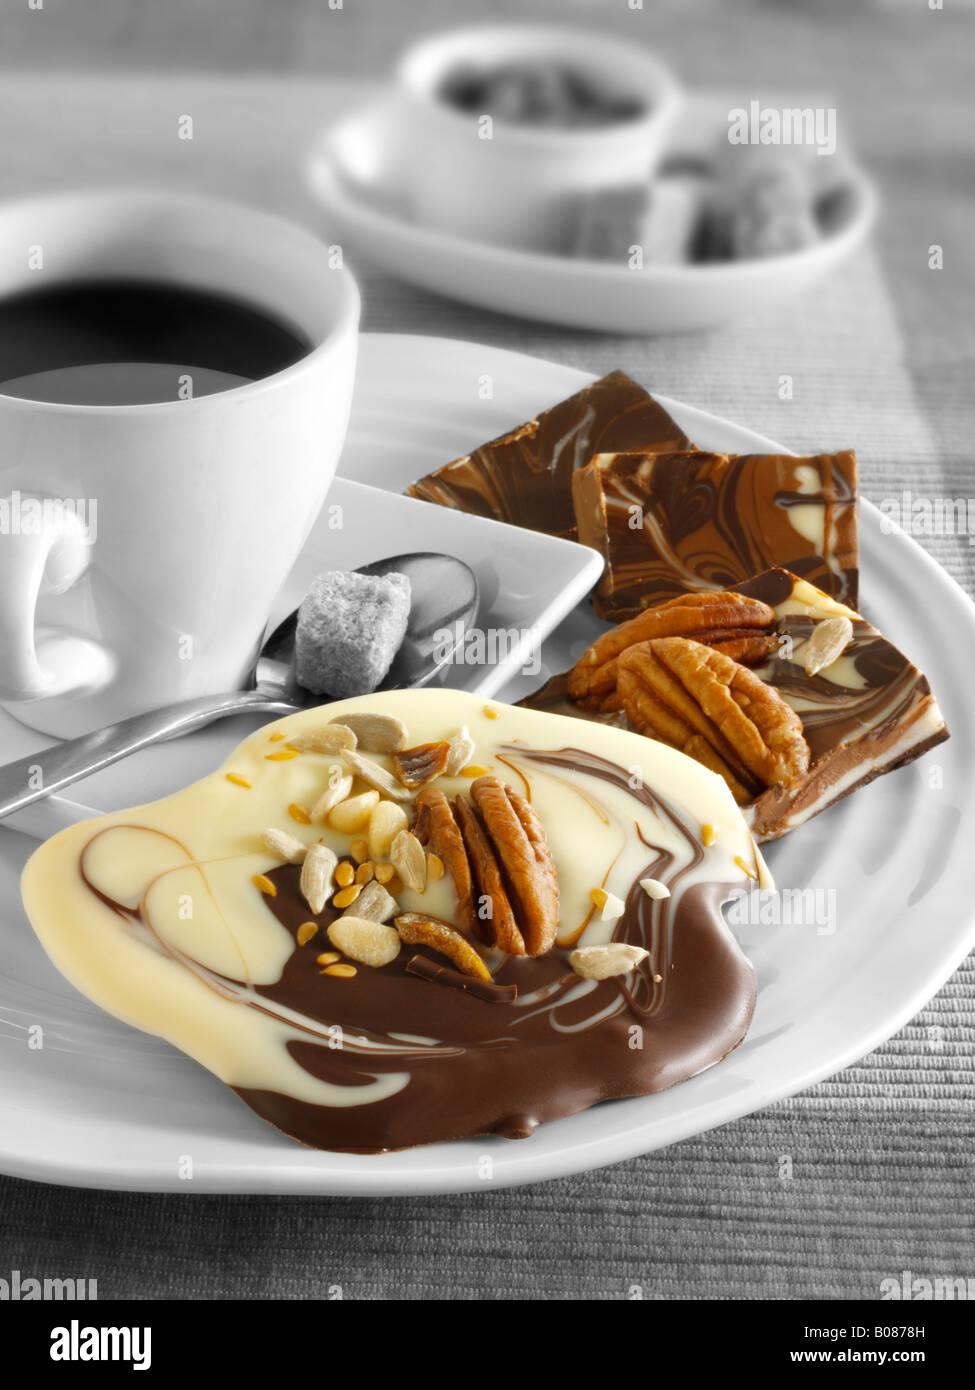 Des tourbillons au chocolat recette: marbré de chocolat au lait et blanc swirls Photo Stock